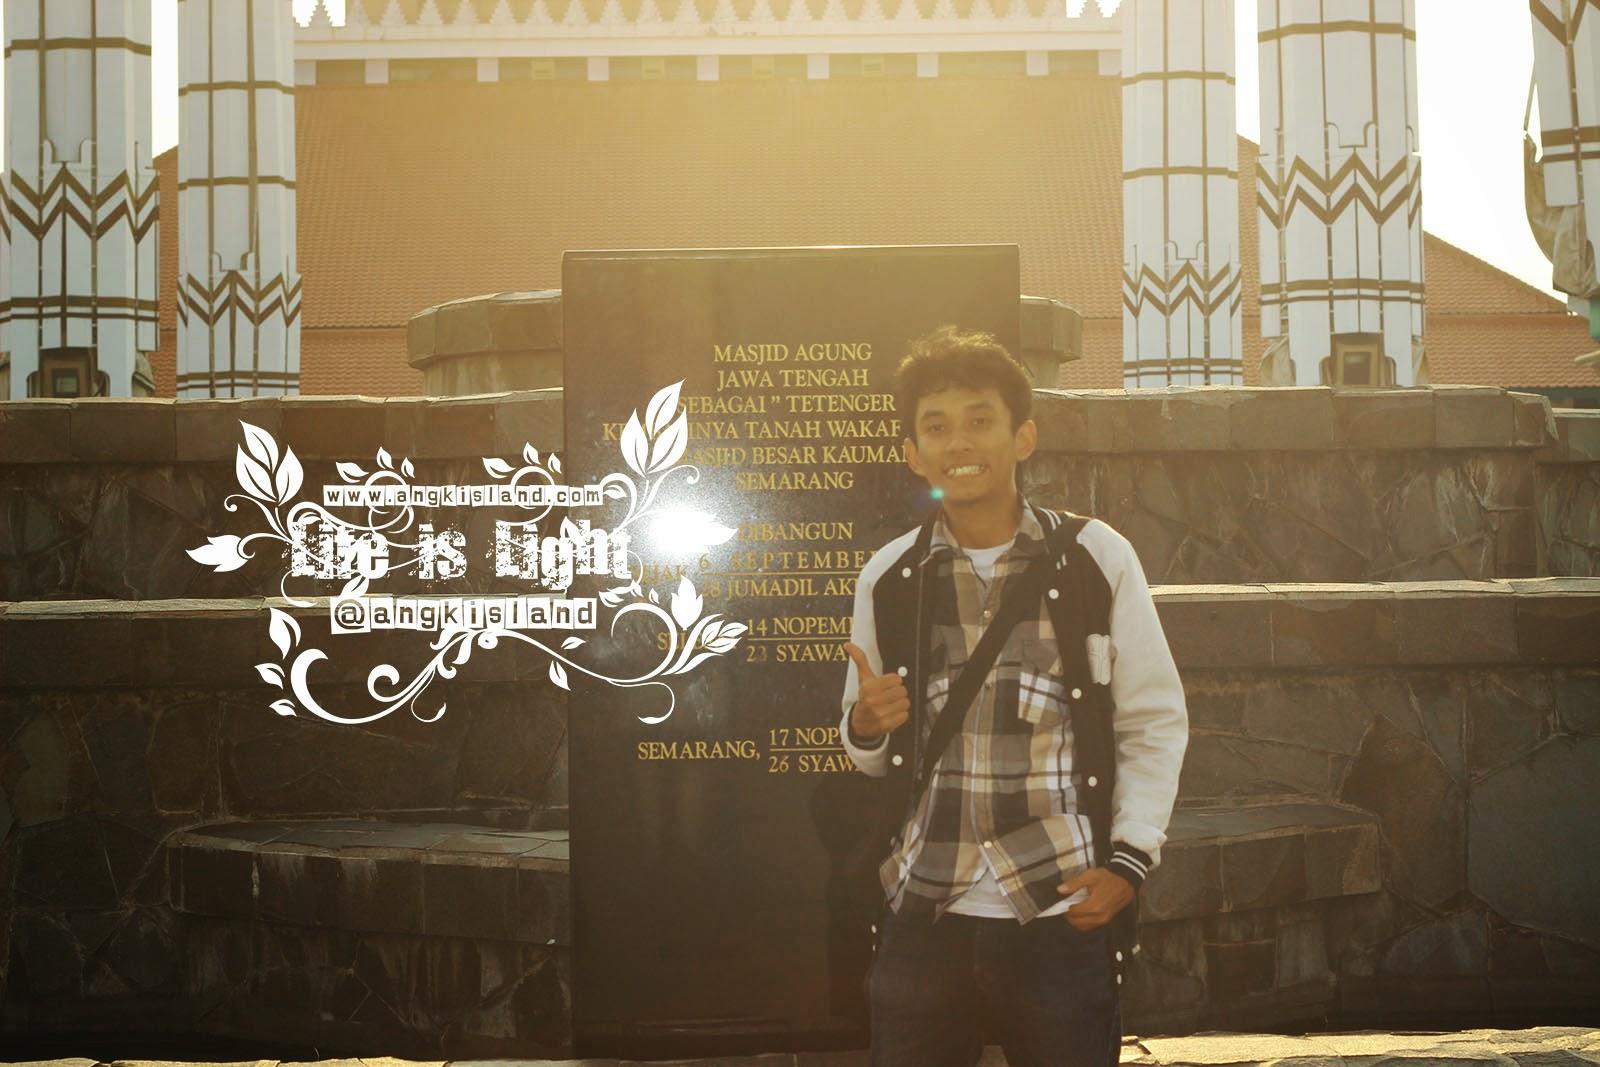 Free Masjid Agung Jawa Tengah